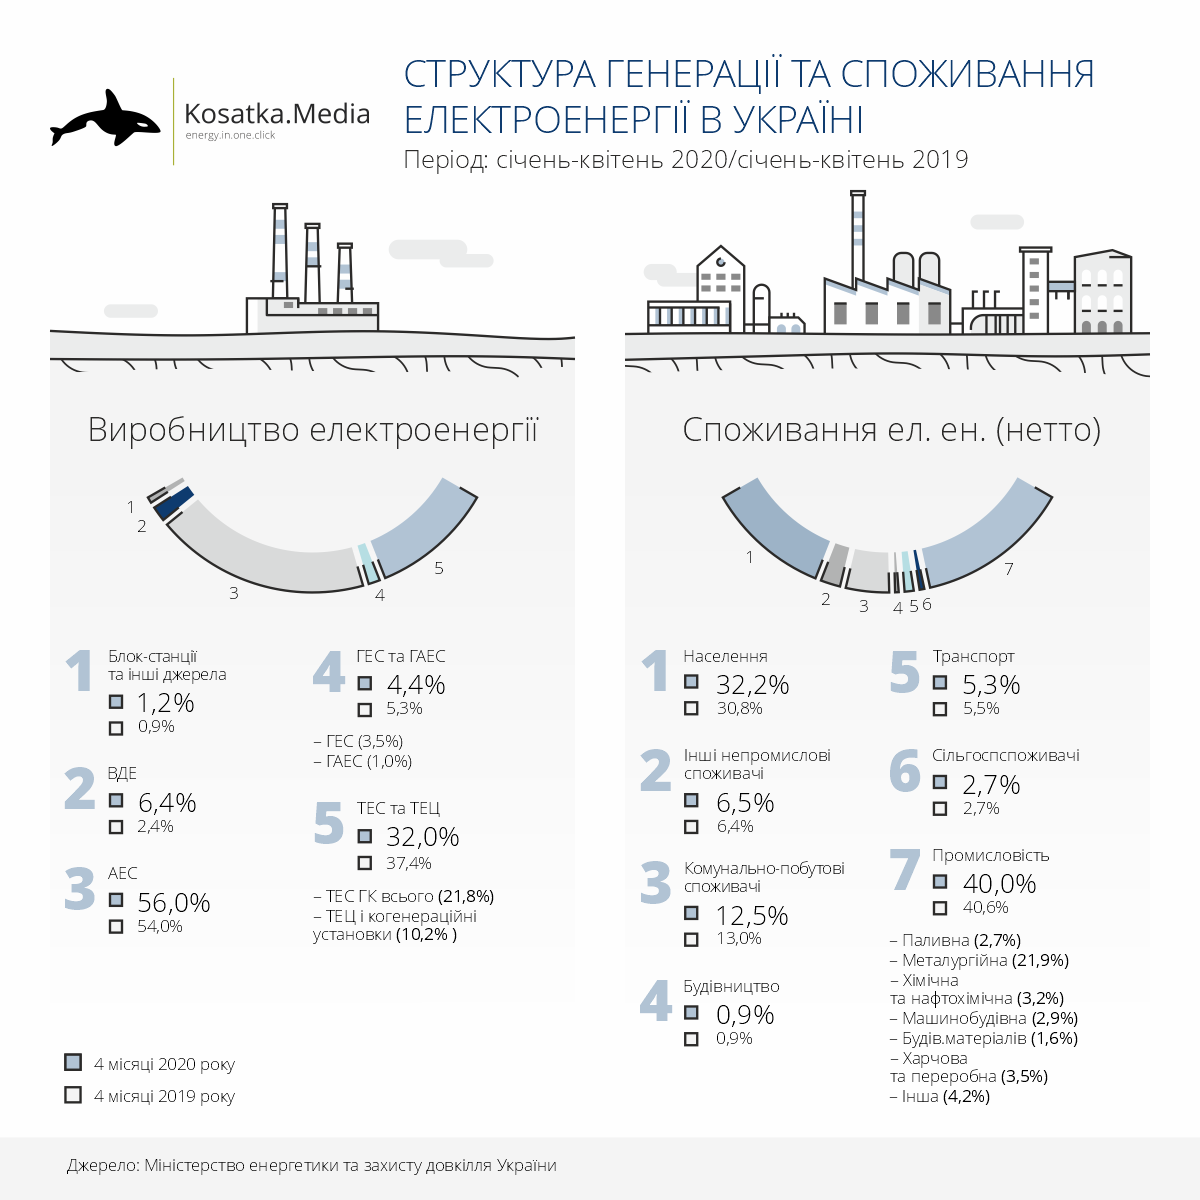 Структура генерації та споживання електроенергії за 4 місяці 2020